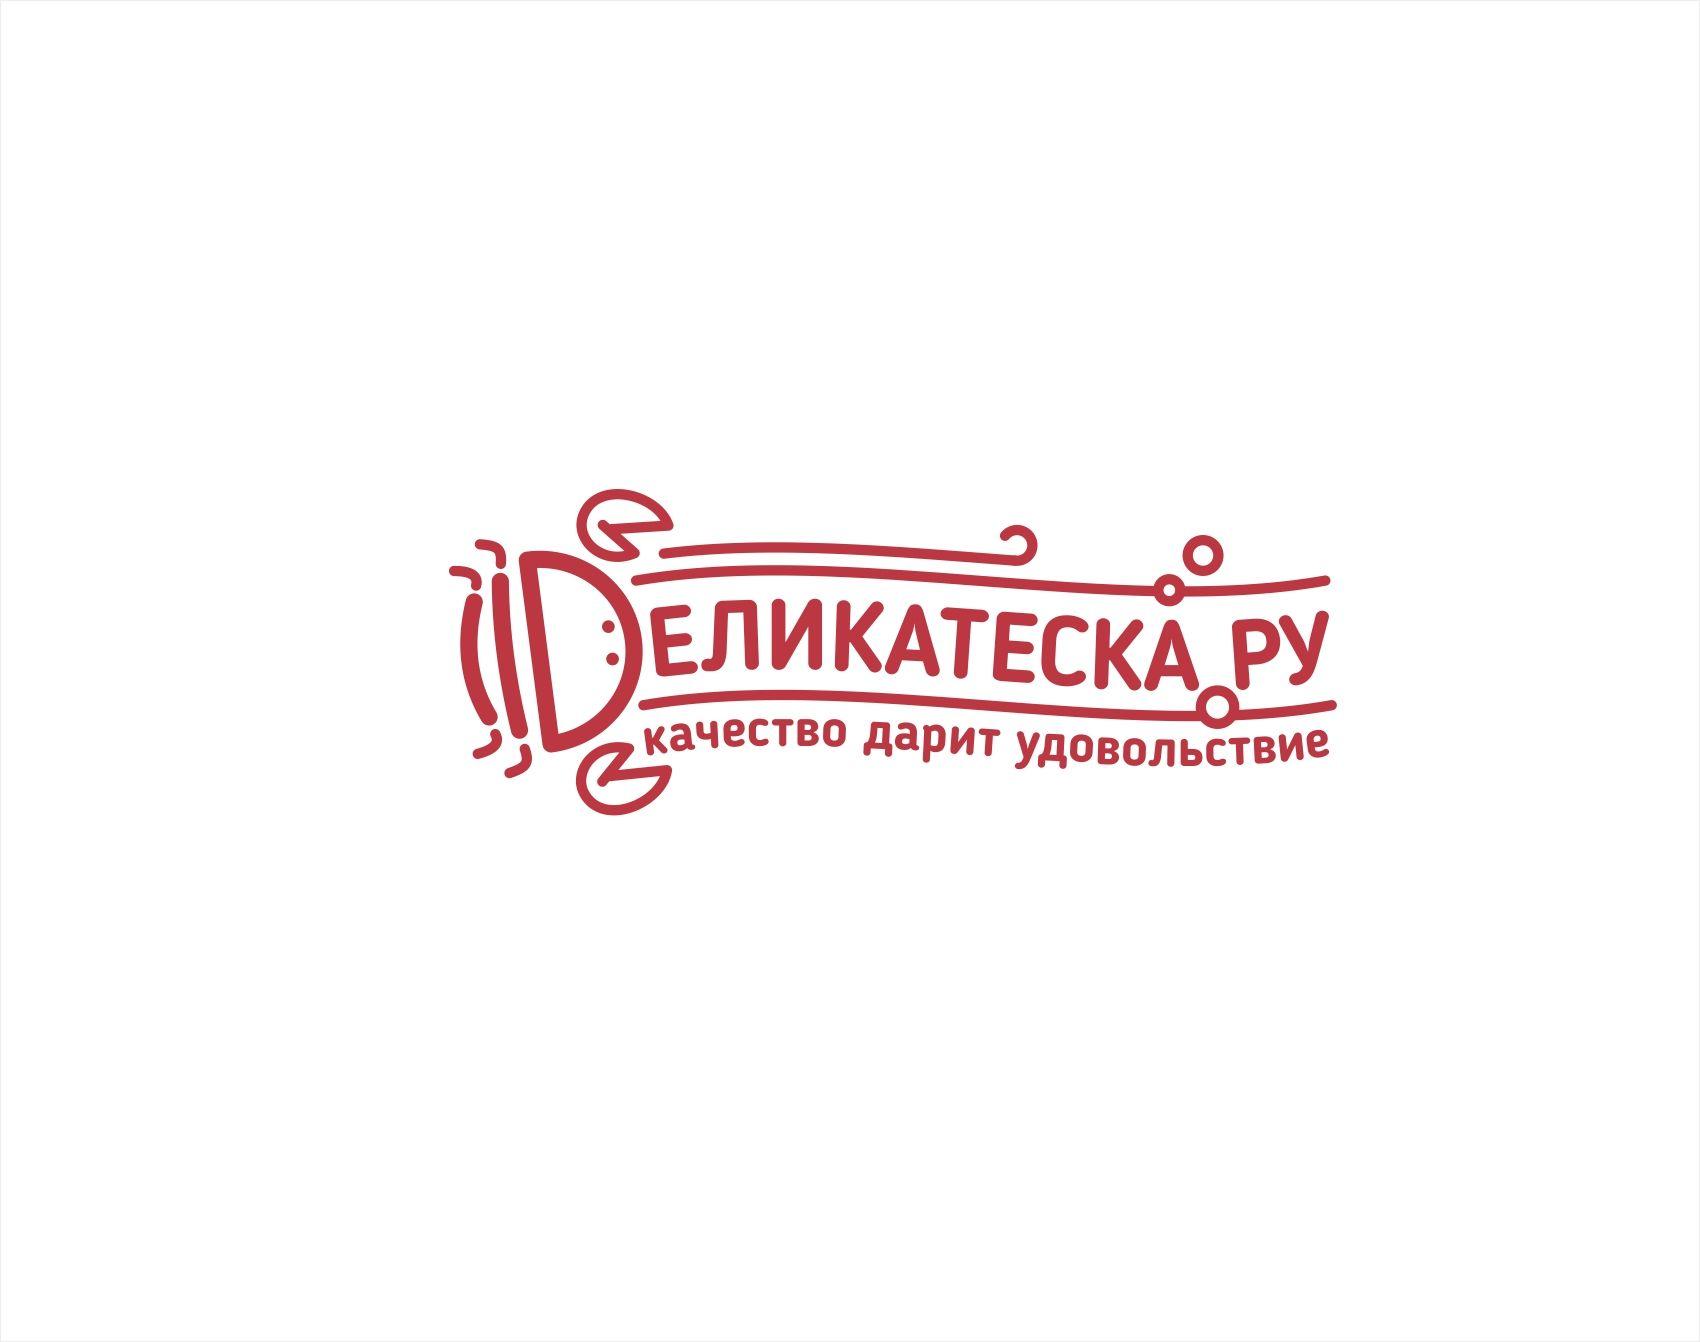 Логотип для ДЕЛИКАТЕСКА.РУ - дизайнер kras-sky